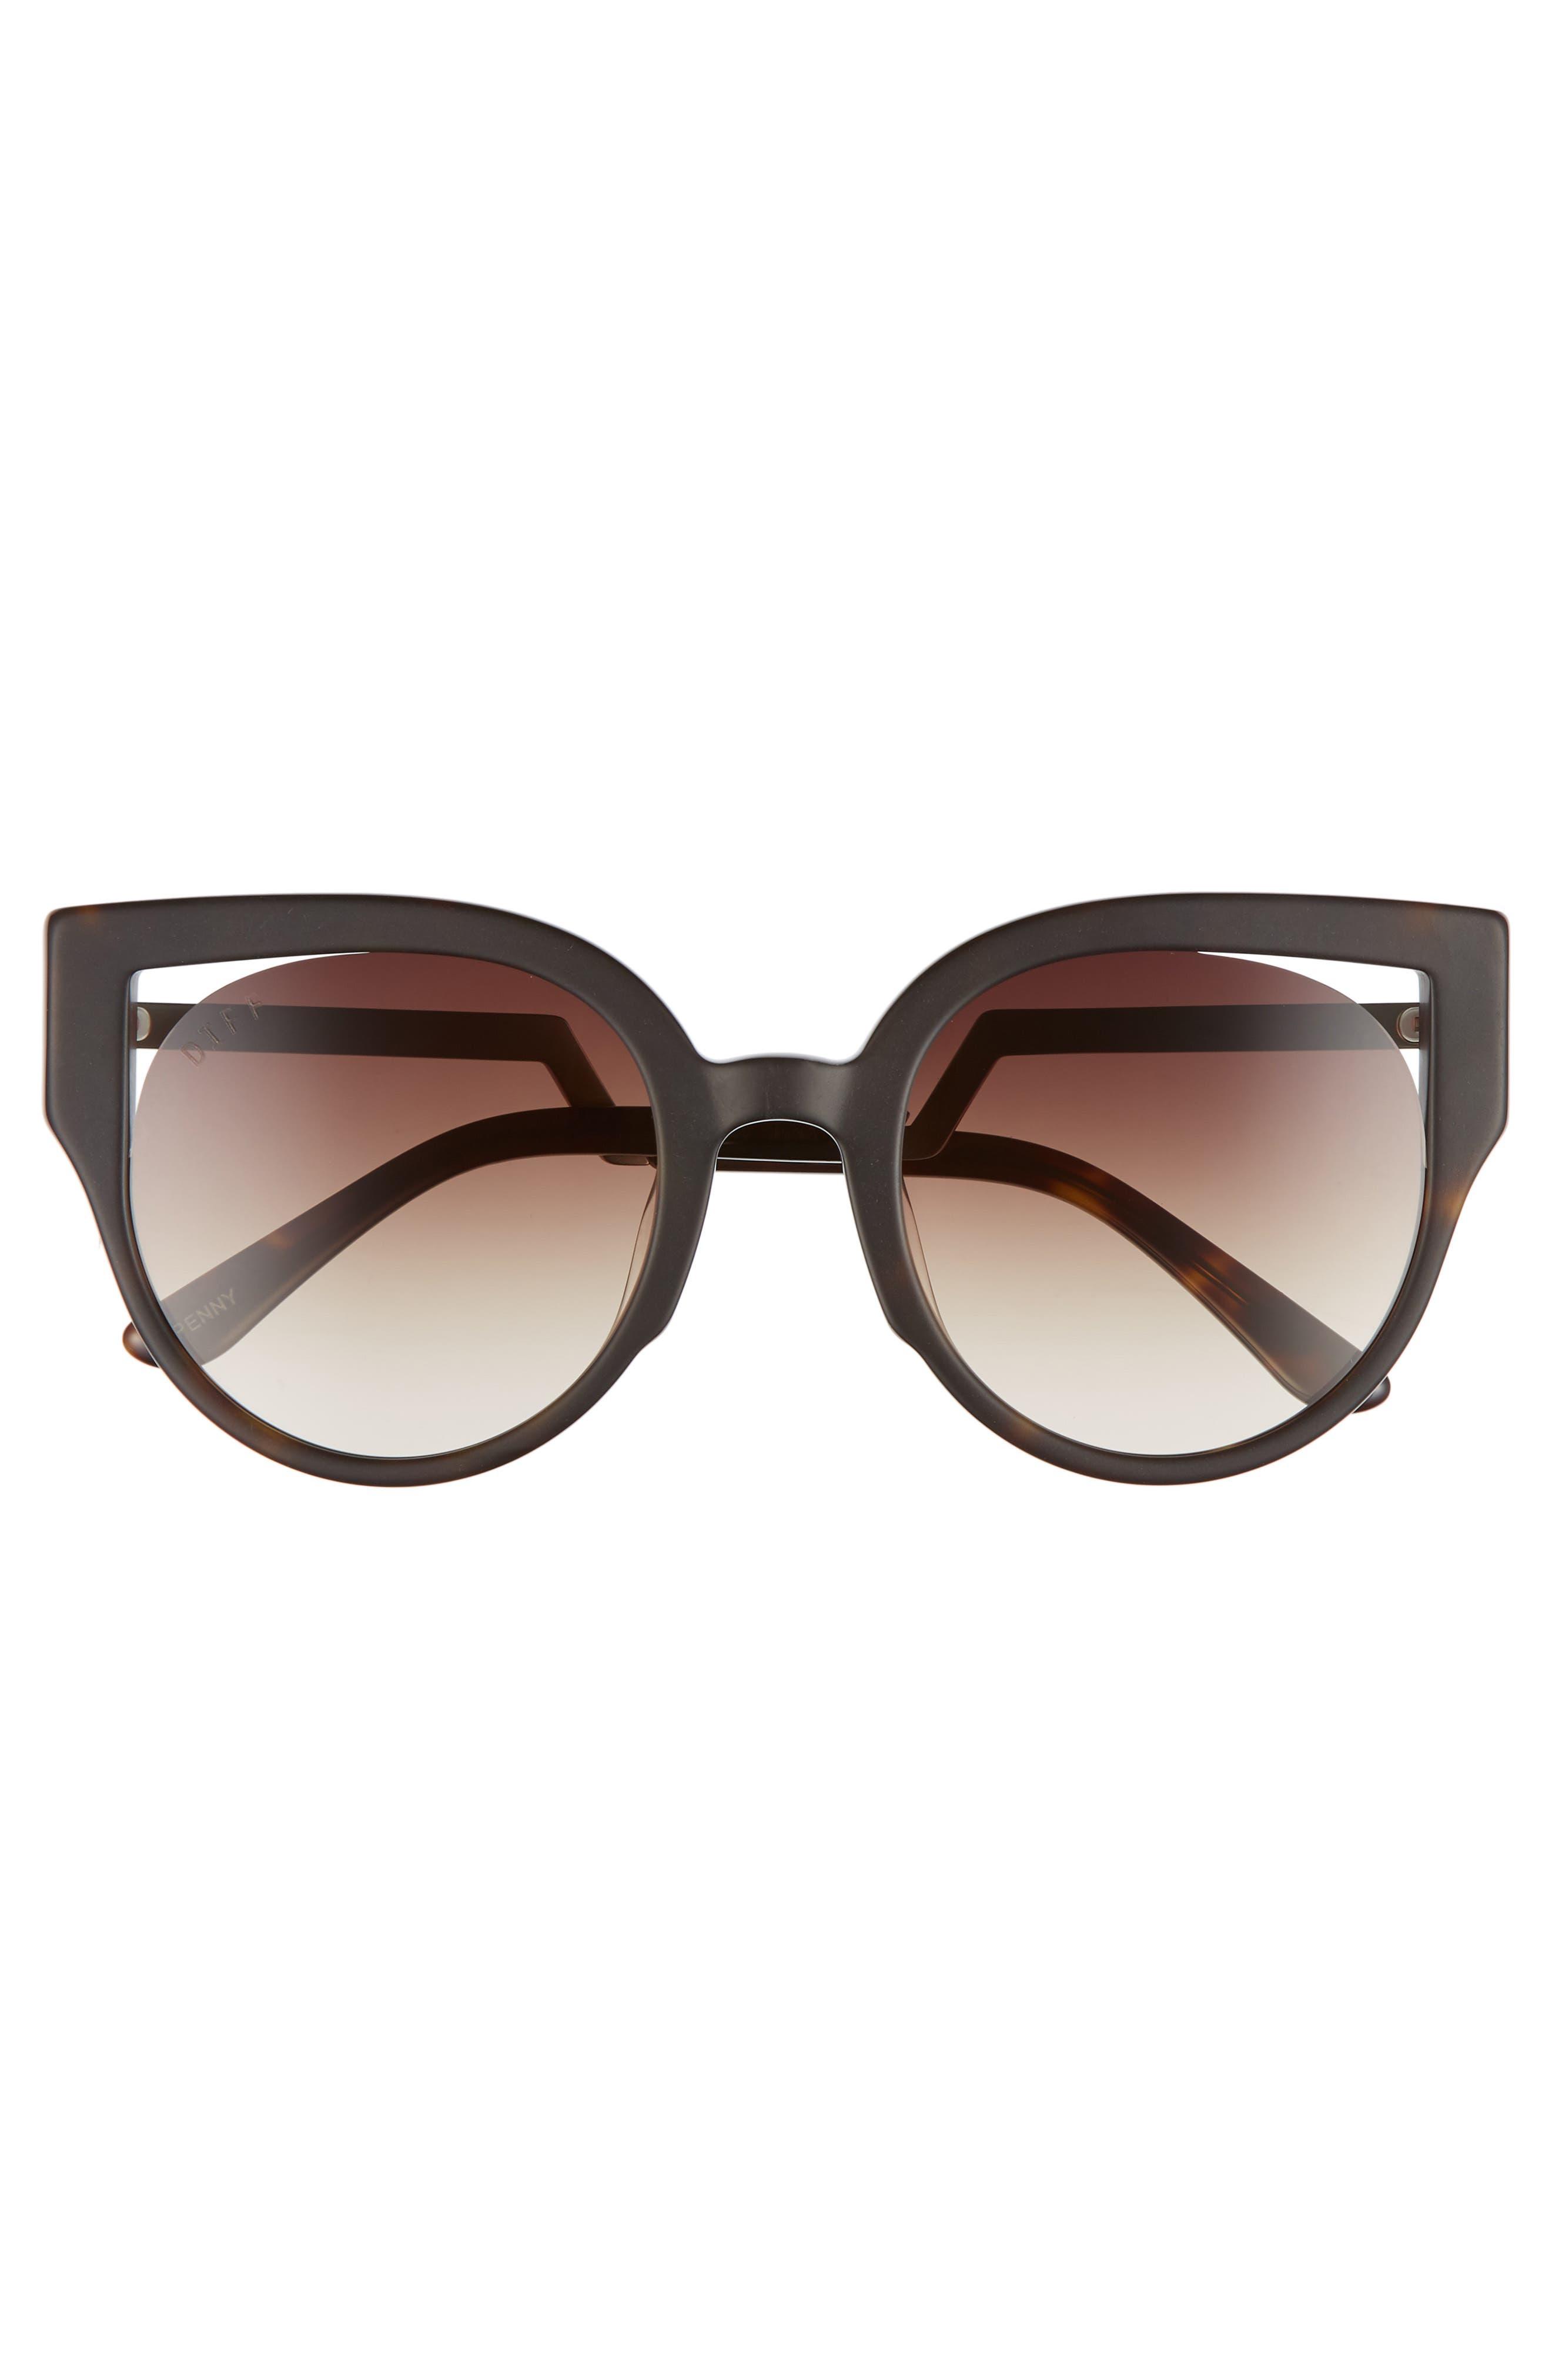 Penny 55mm Cat Eye Sunglasses,                             Alternate thumbnail 3, color,                             MATTE TORTOISE/ BROWN